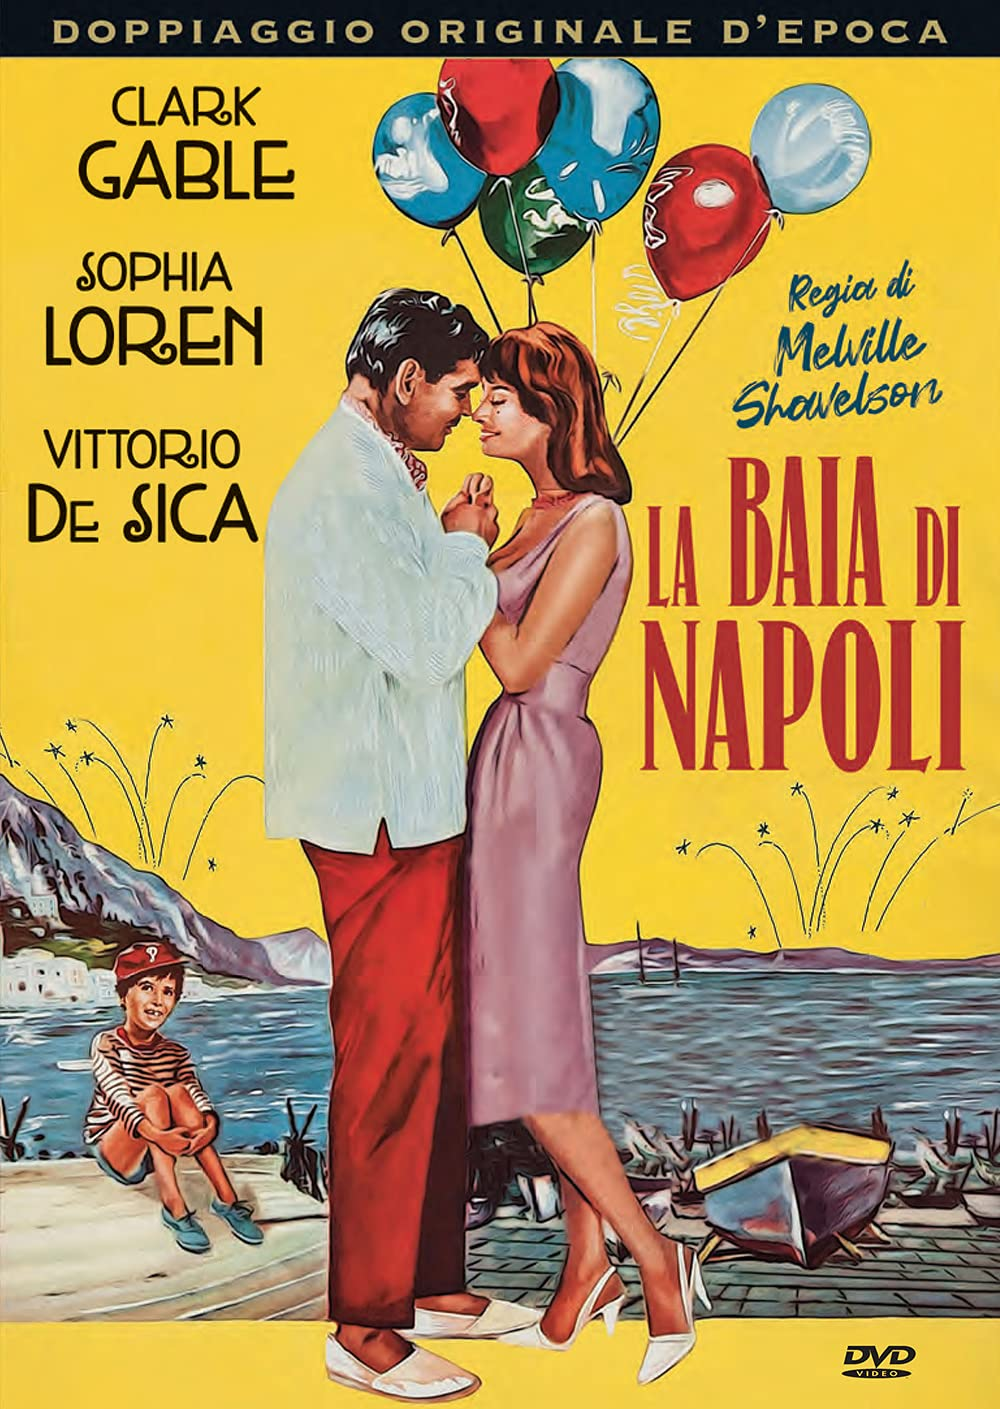 LA BAIA DI NAPOLI (DVD)